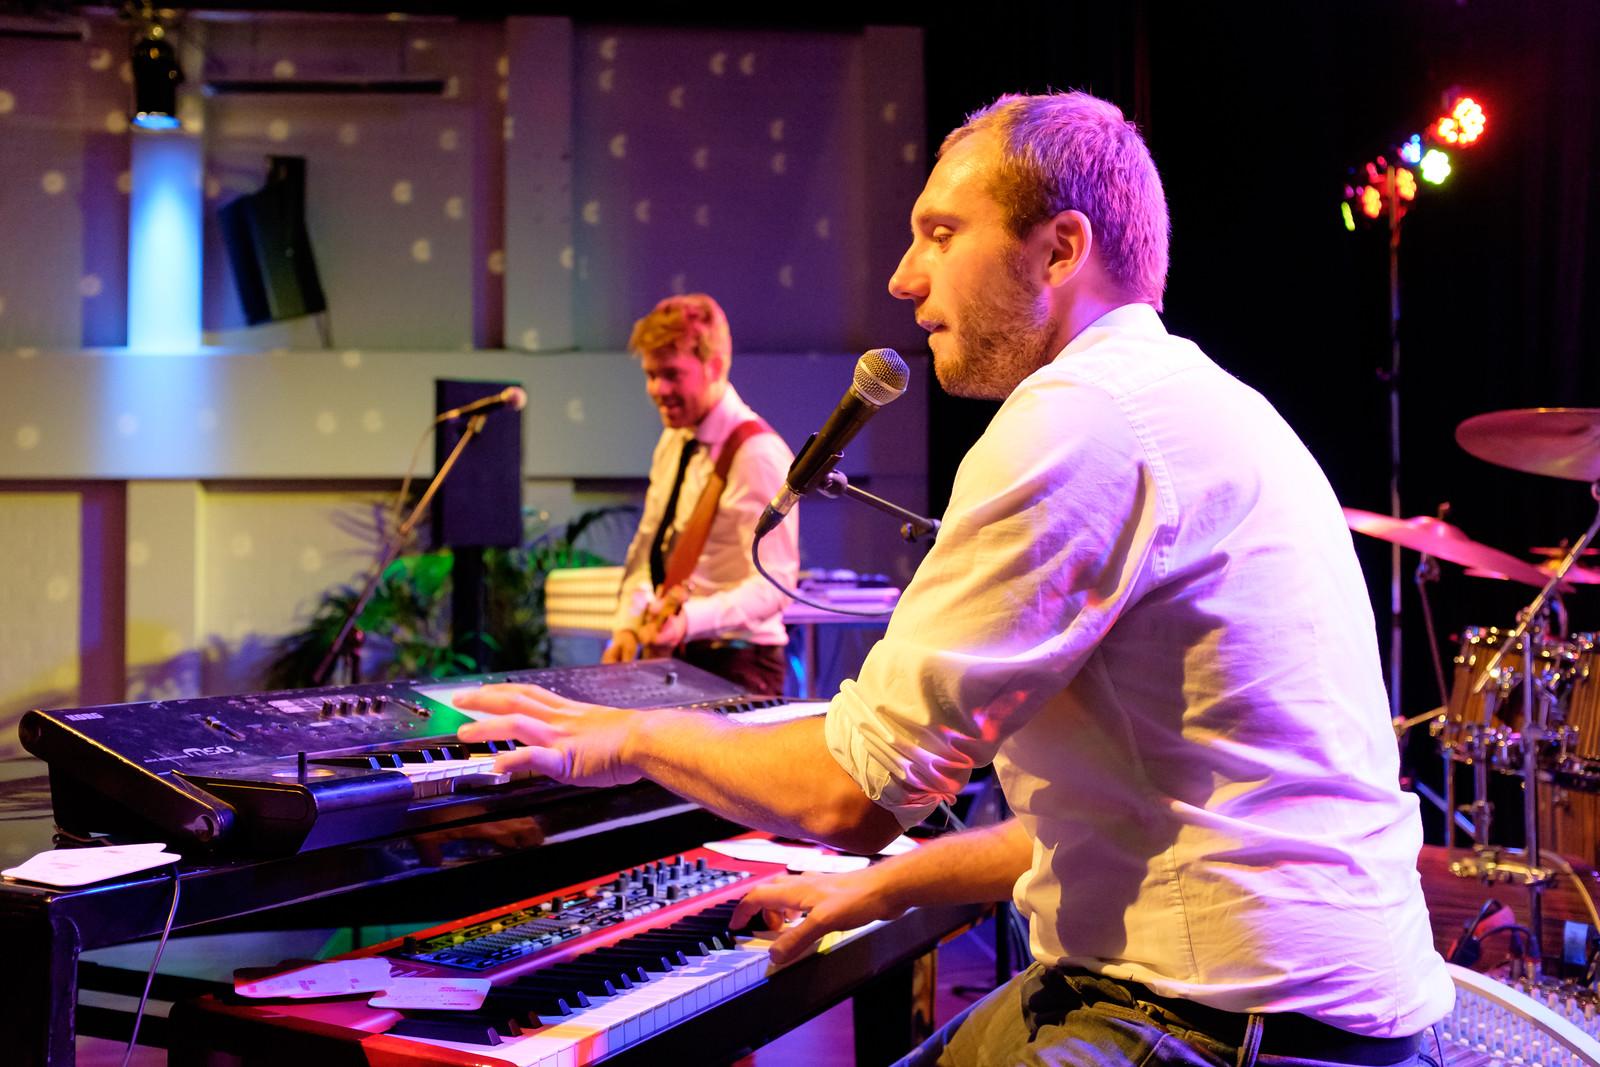 Pianist / zanger en gitarist / zanger van Say Keys